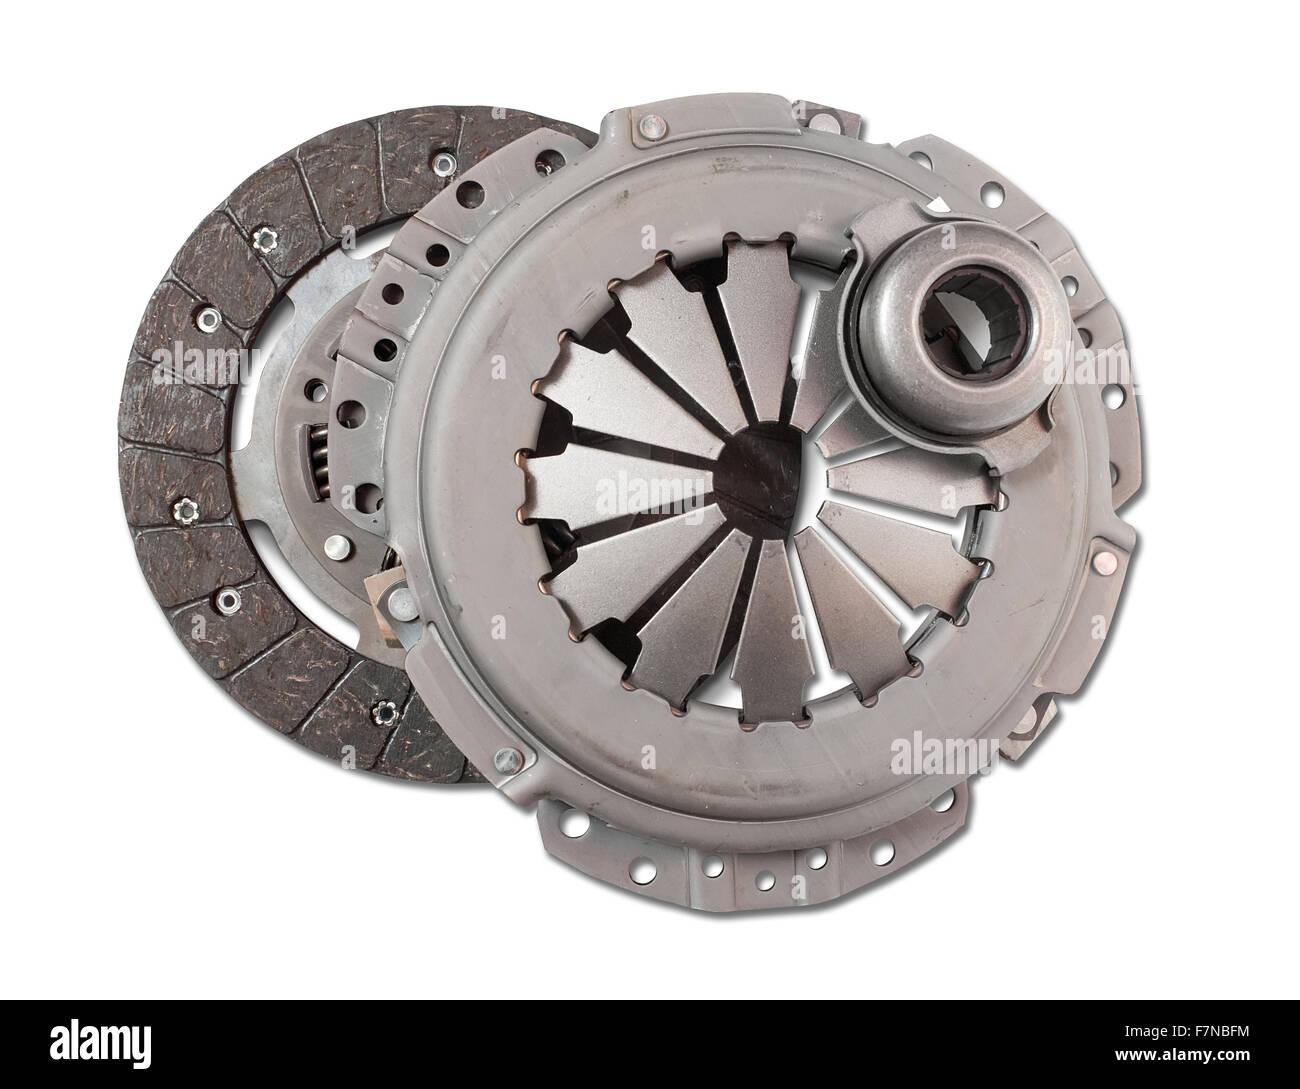 Automotive Part Stockfotos & Automotive Part Bilder - Alamy